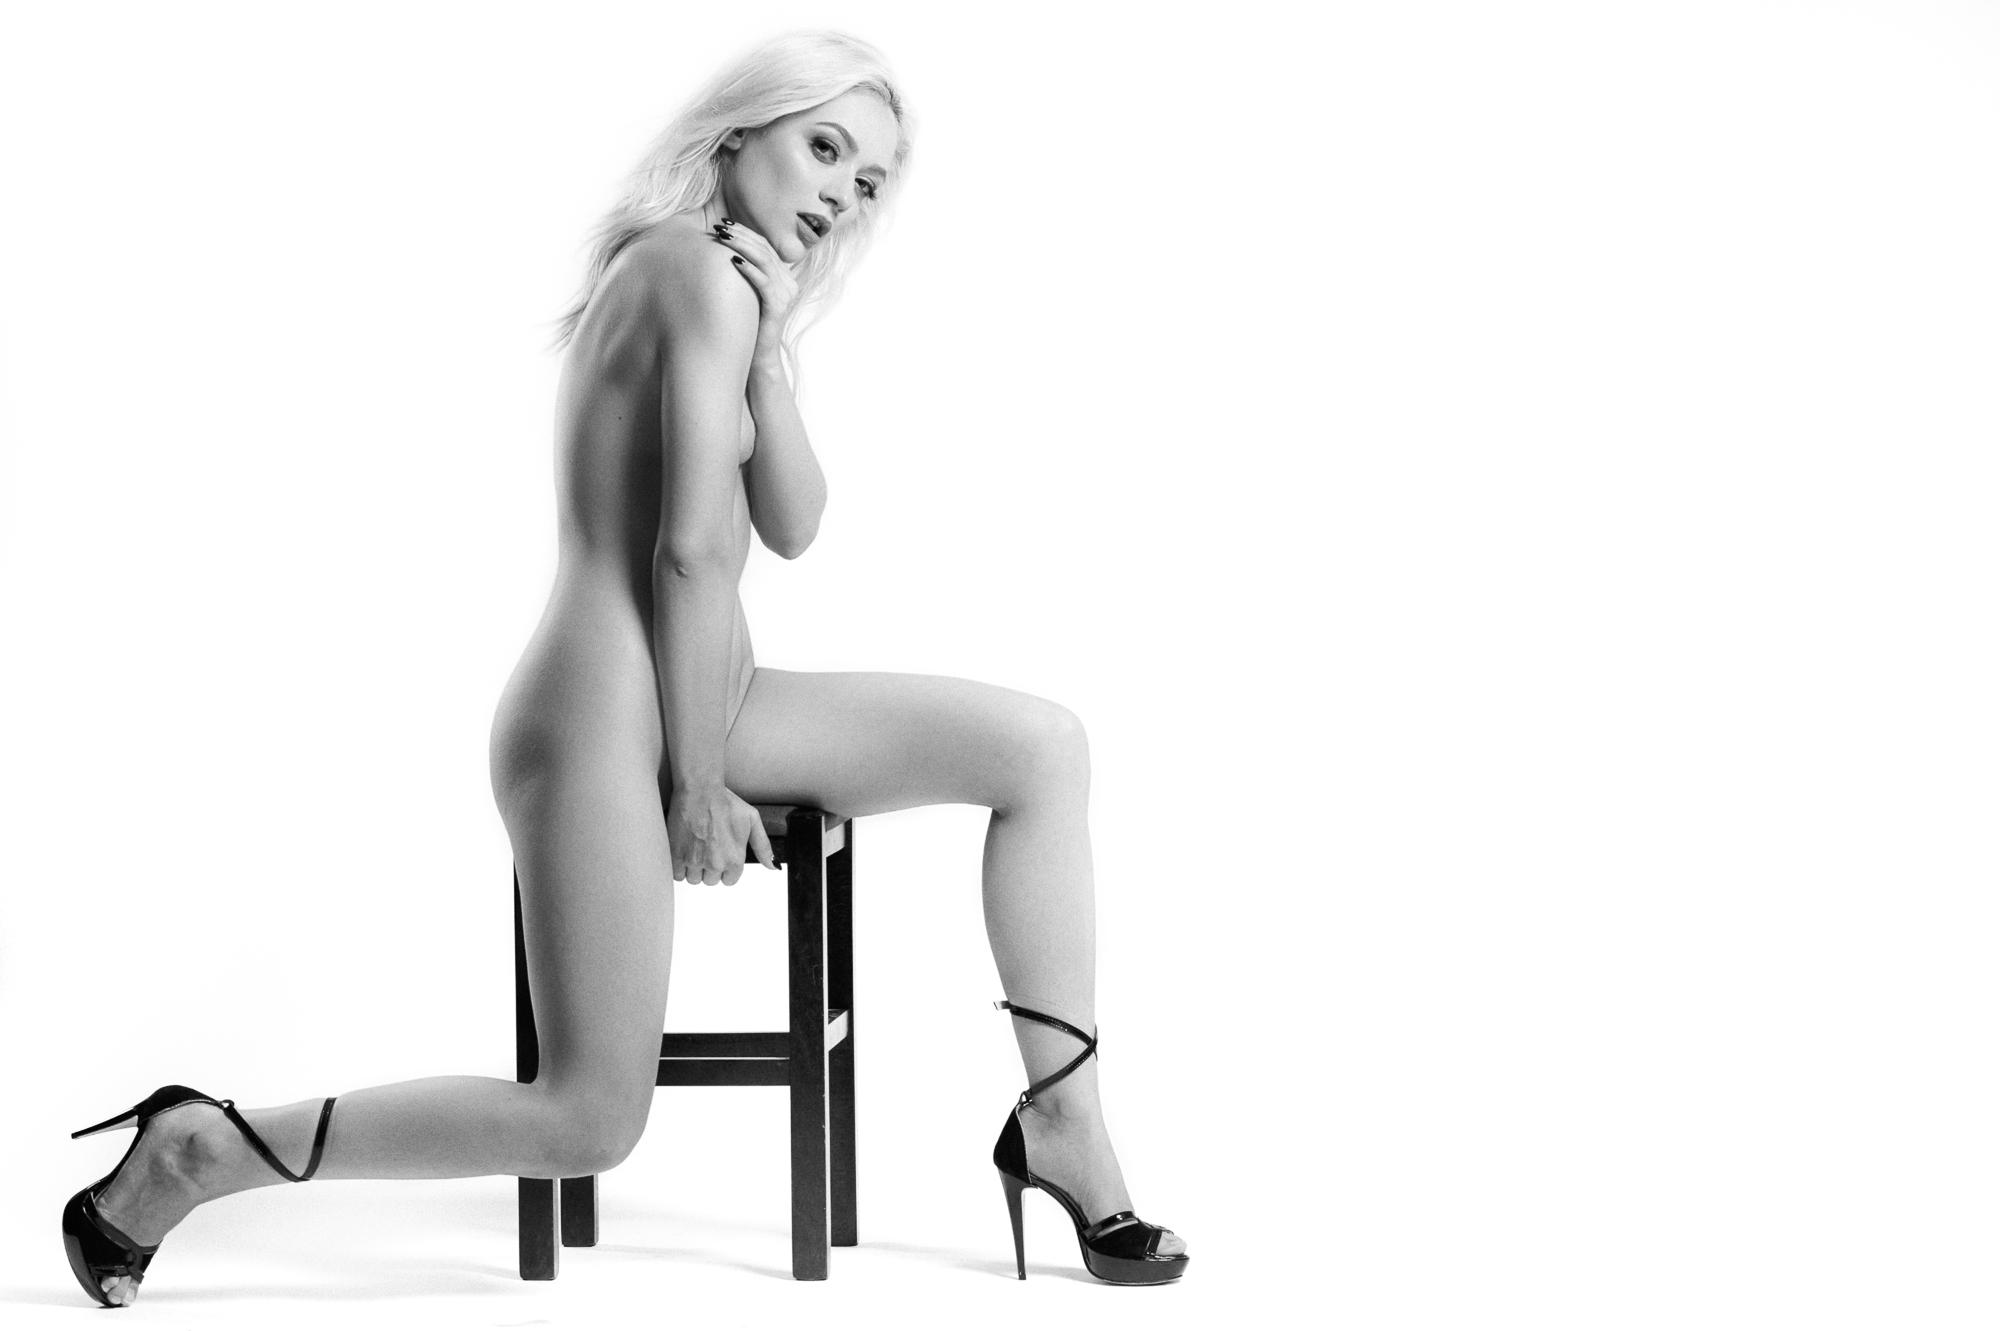 fotograf nud constanta (8)